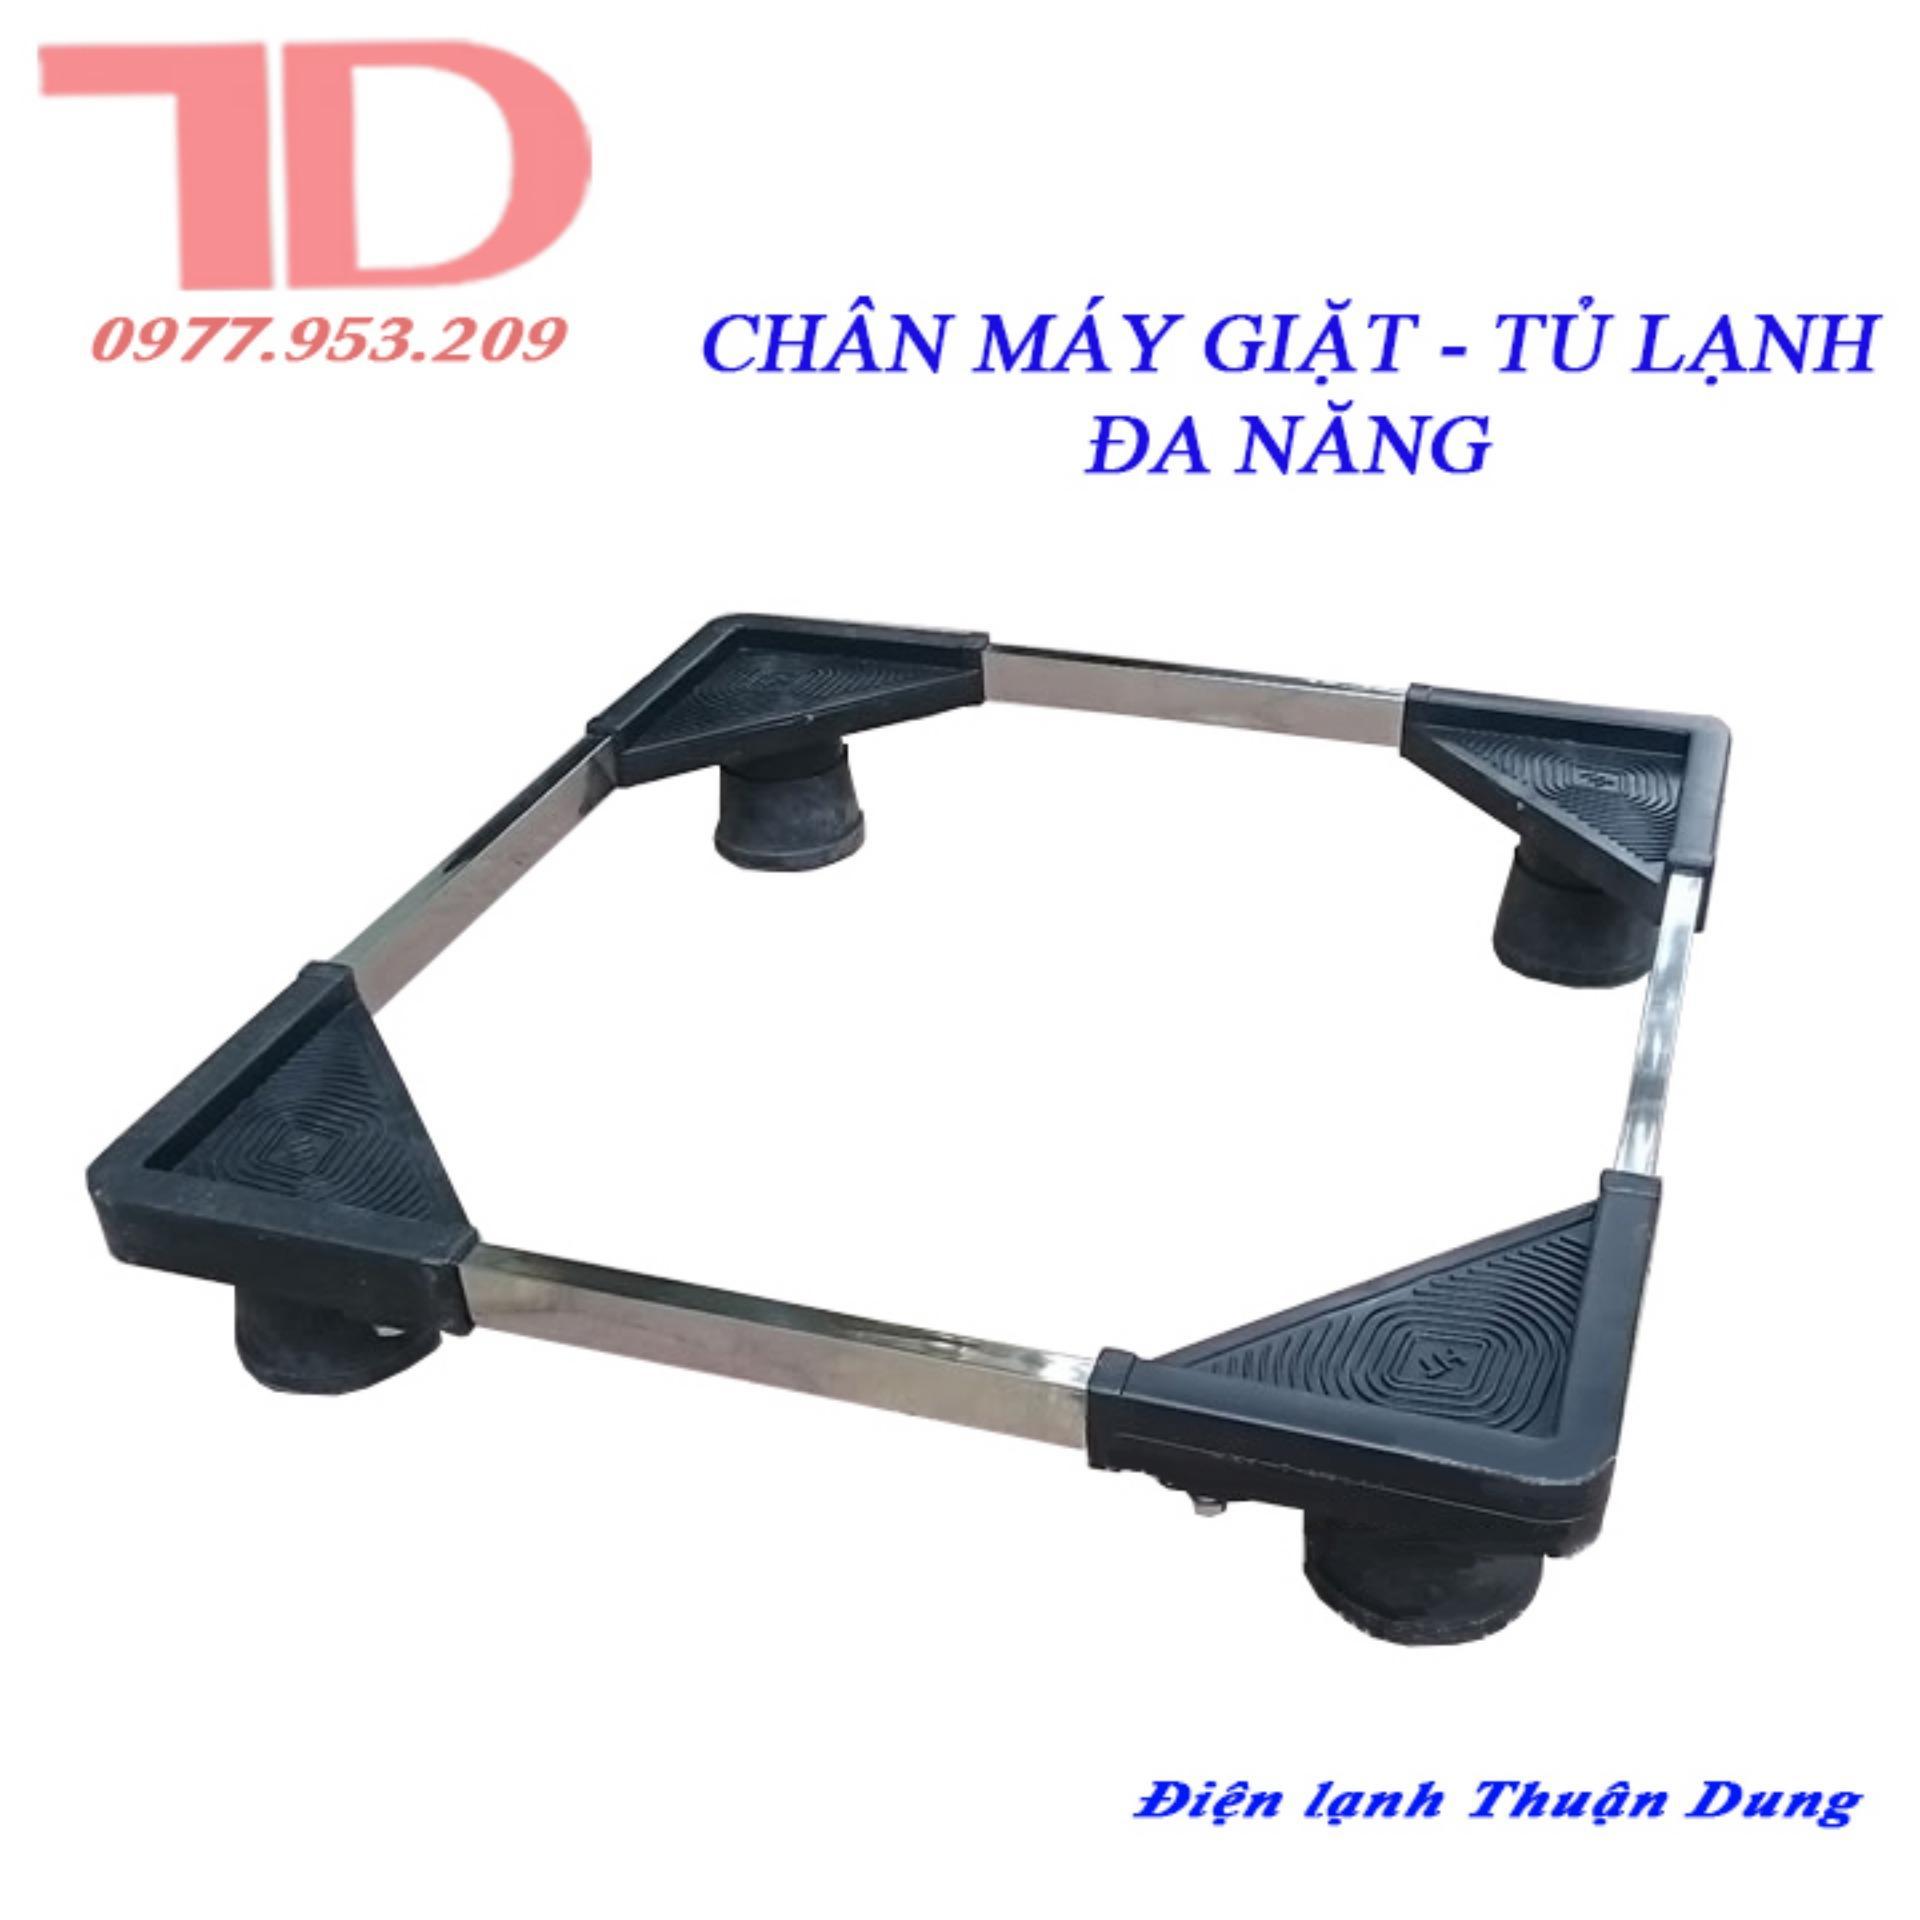 Chan May Giặt Đa Năng Chiết Khấu Đồng Nai